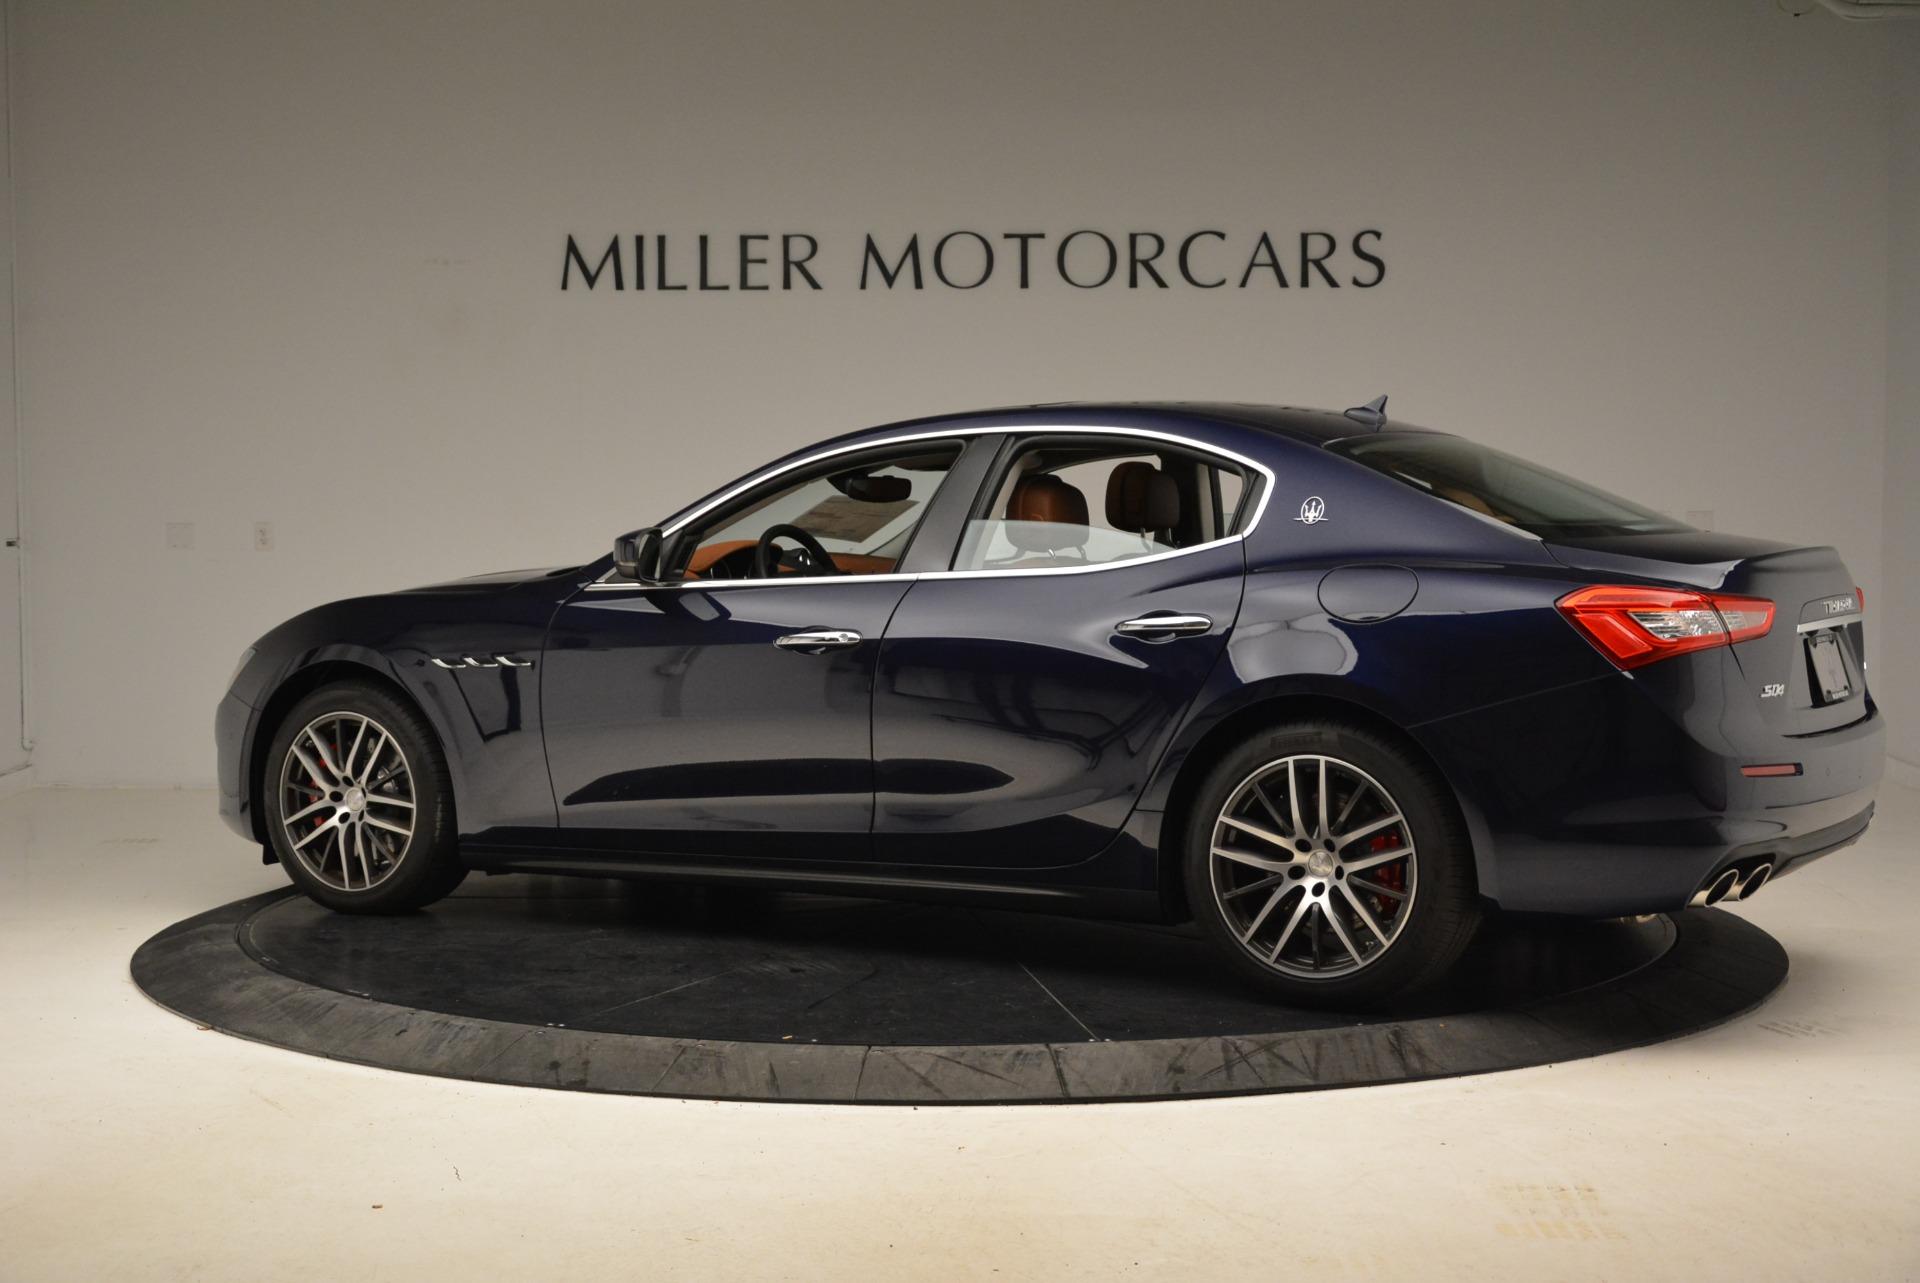 New 2019 Maserati Ghibli S Q4 For Sale In Greenwich, CT 3035_p4